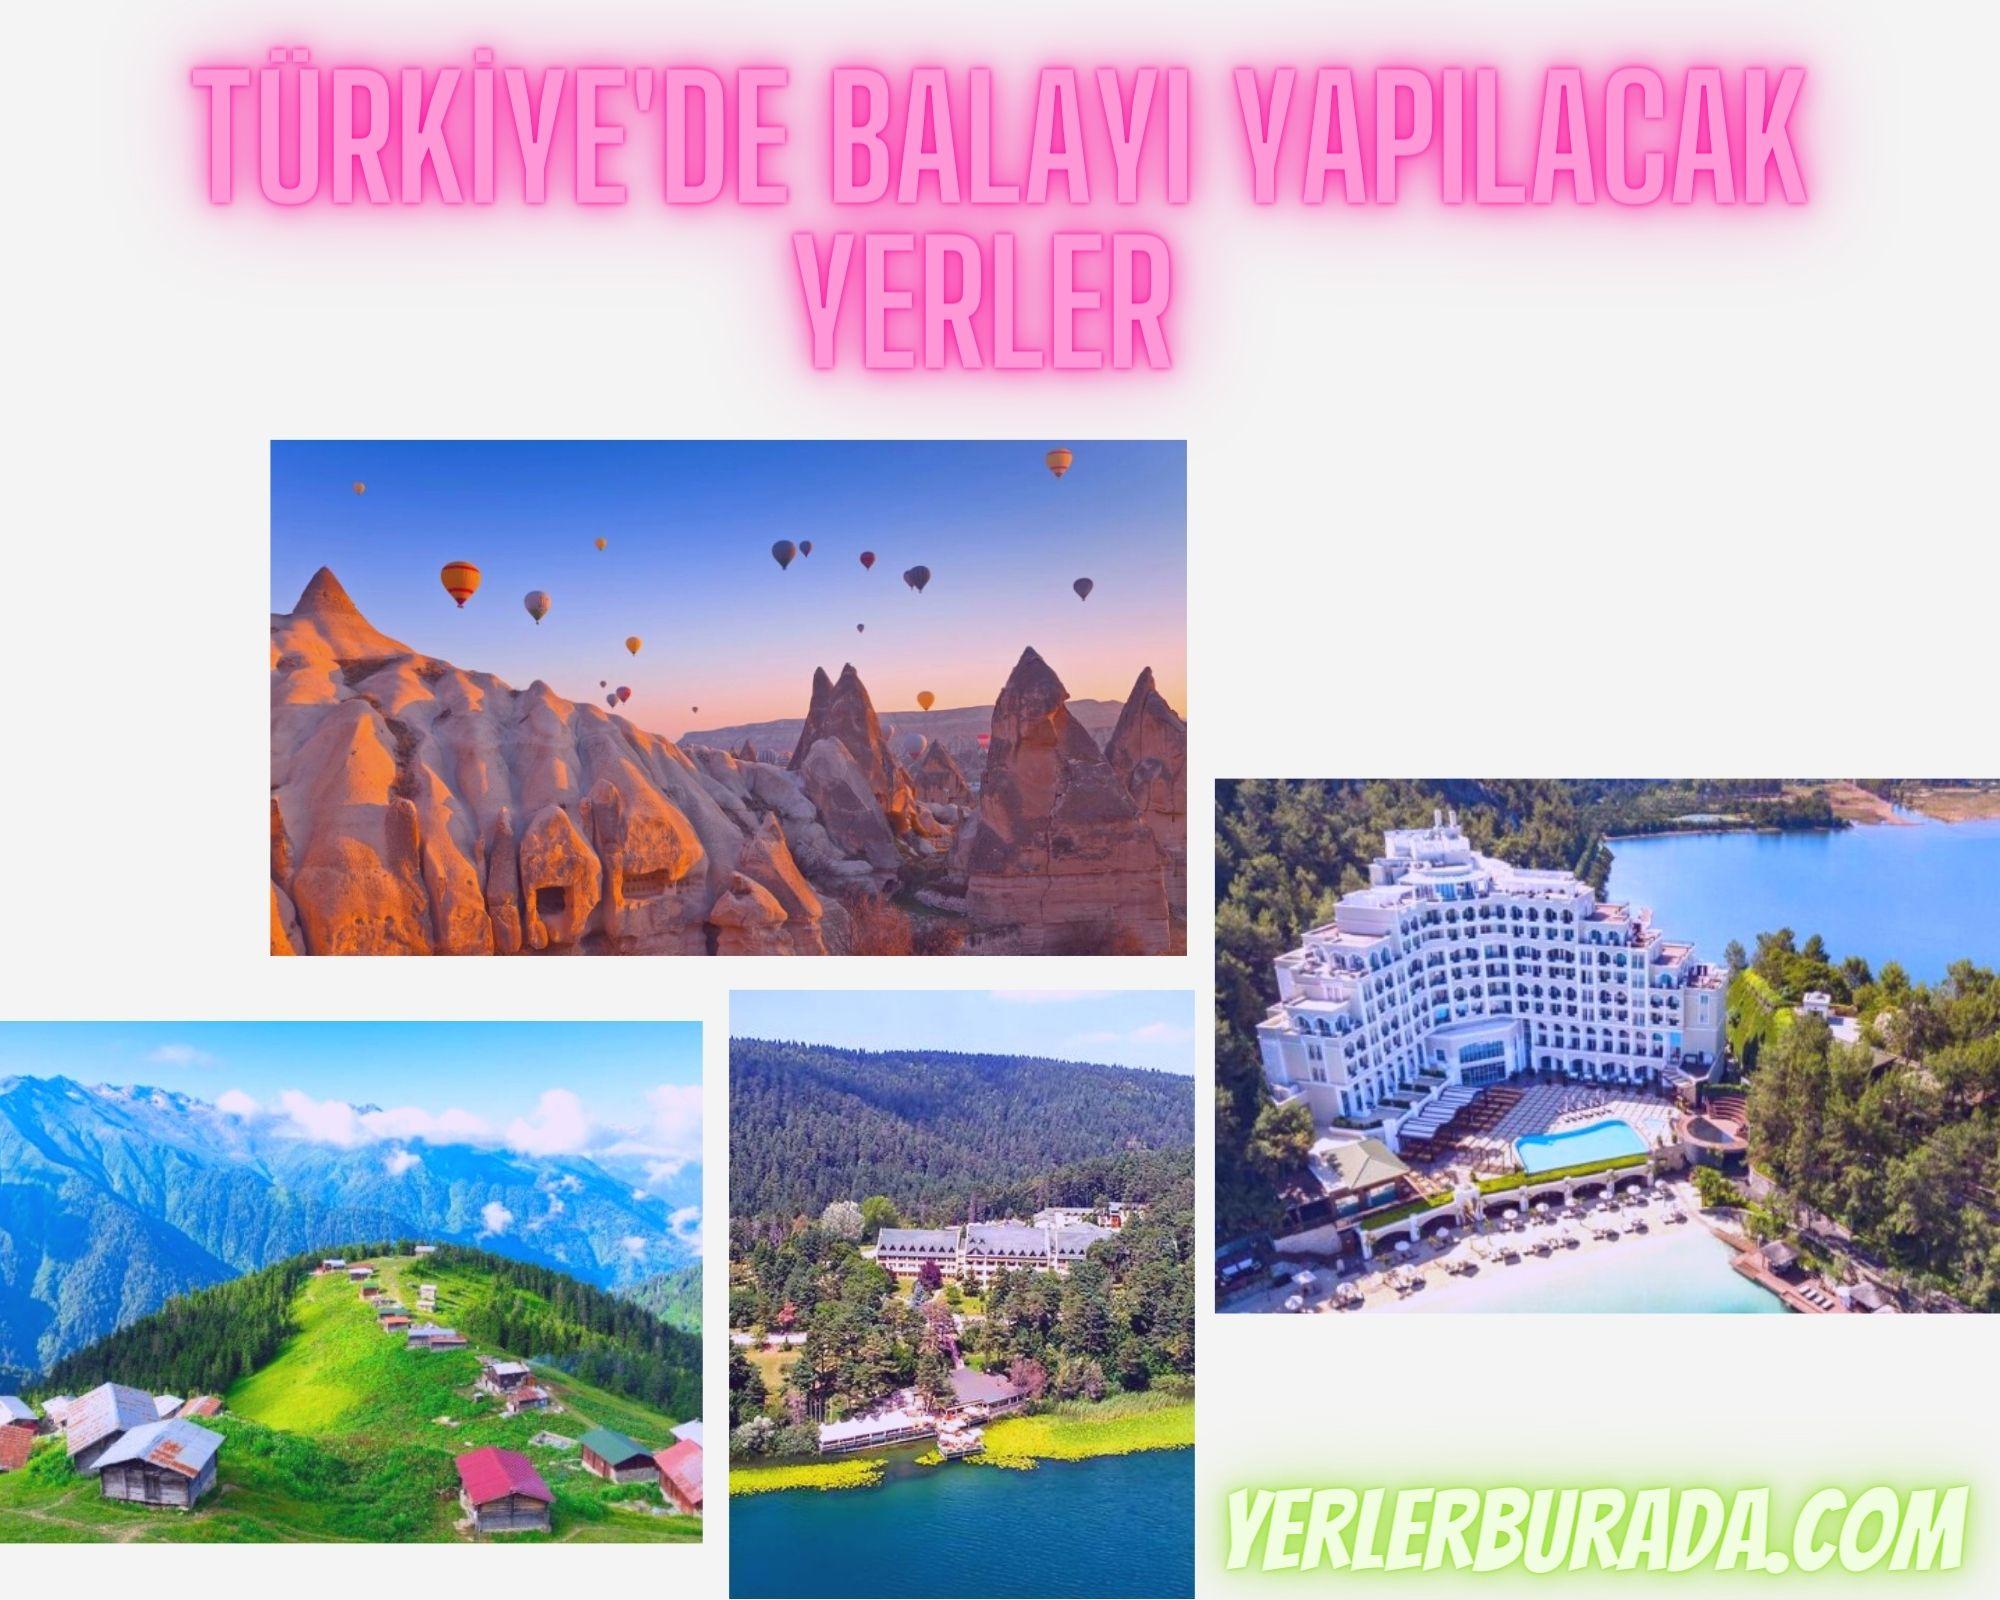 Türkiye'de balayı yapılacak yerler